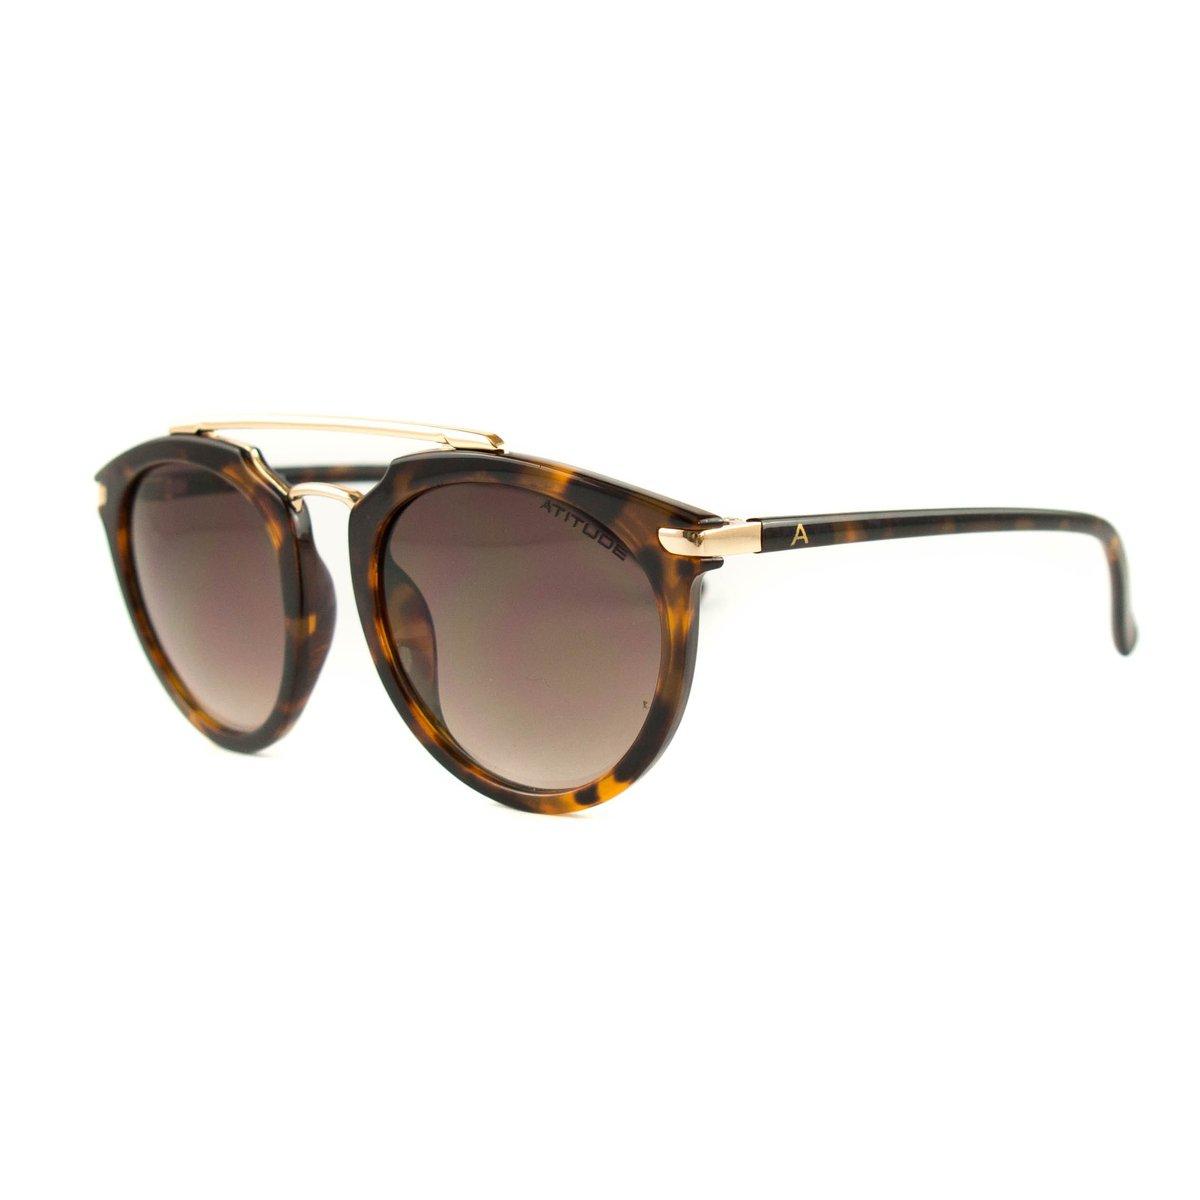 Óculos Atitude De Sol - Compre Agora   Netshoes 2df96353d9